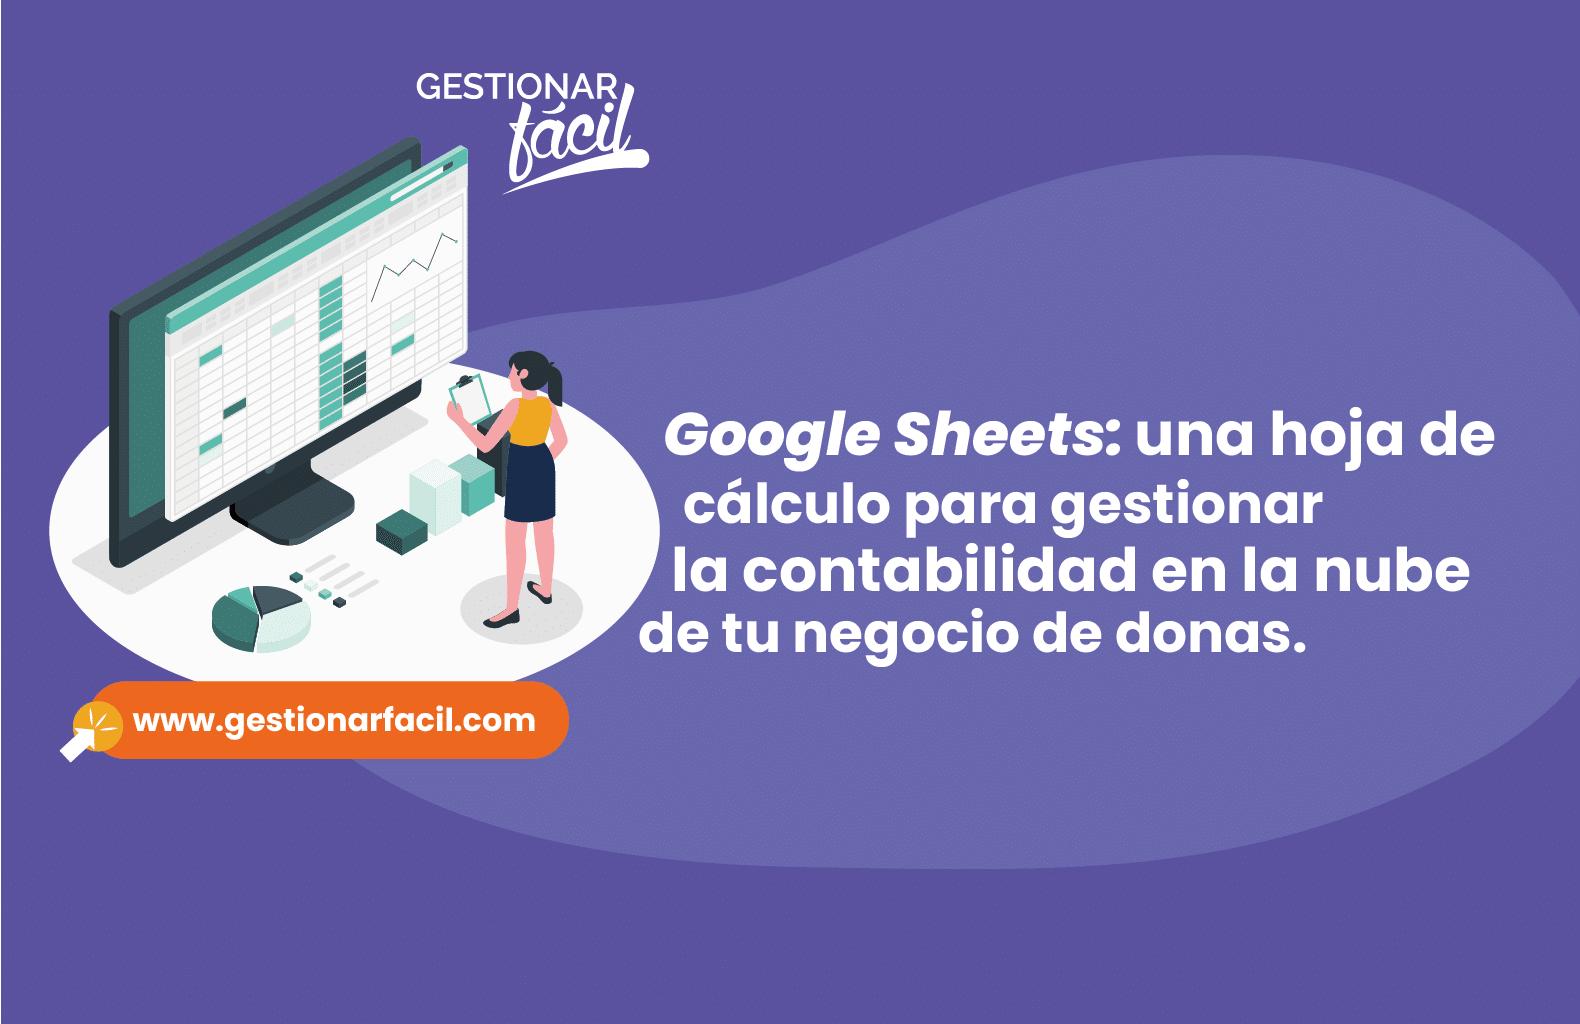 Google Sheets: hoja de cálculo para gestionar la contabilidad en la nube de tu negocio de donas.